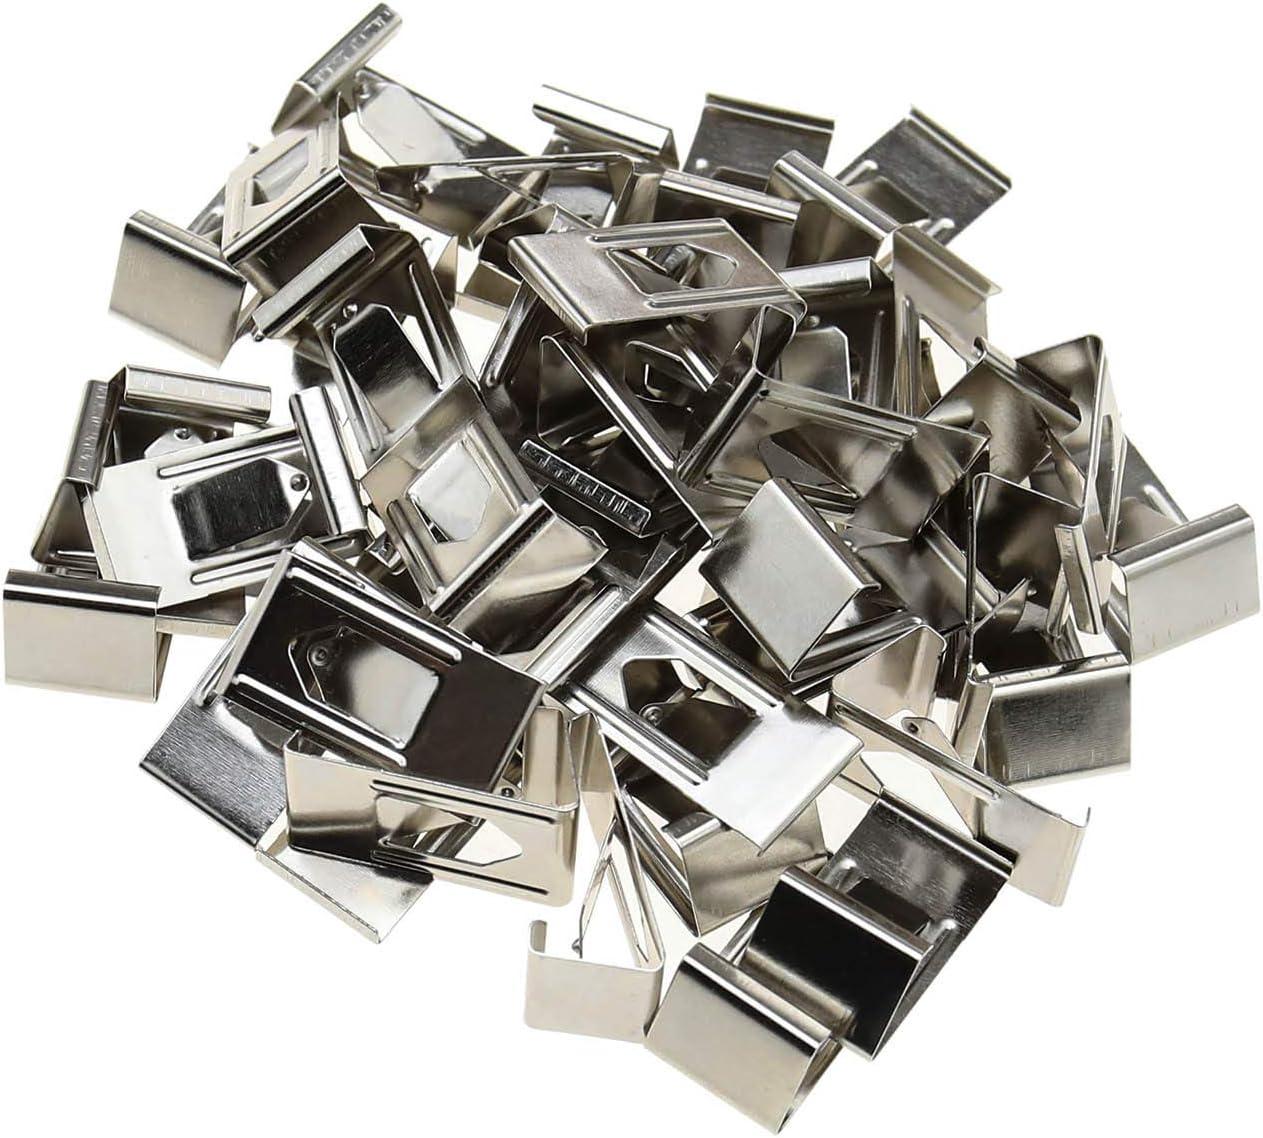 Lot de 50 clips de fixation pour plateau en verre pour imprimante 3D Argent/é